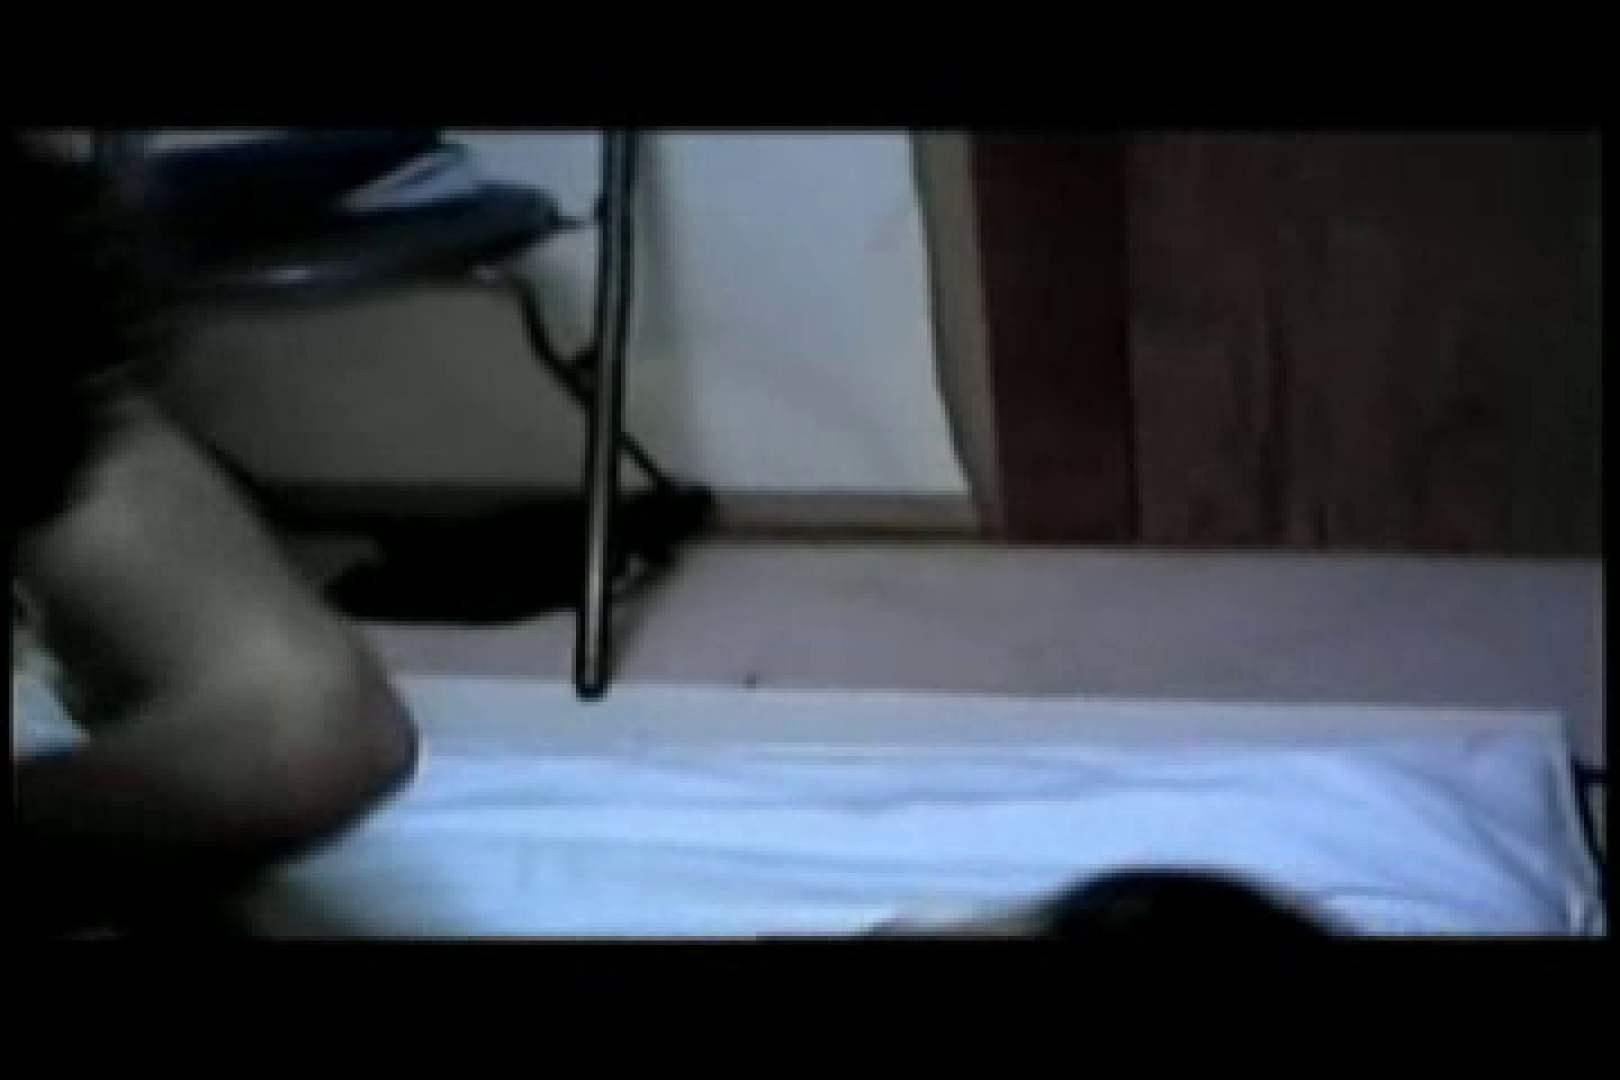 【実録個人撮影】男の子達の禁断の愛欲性活!!vol.04 個人撮影 ゲイSEX画像 89枚 24